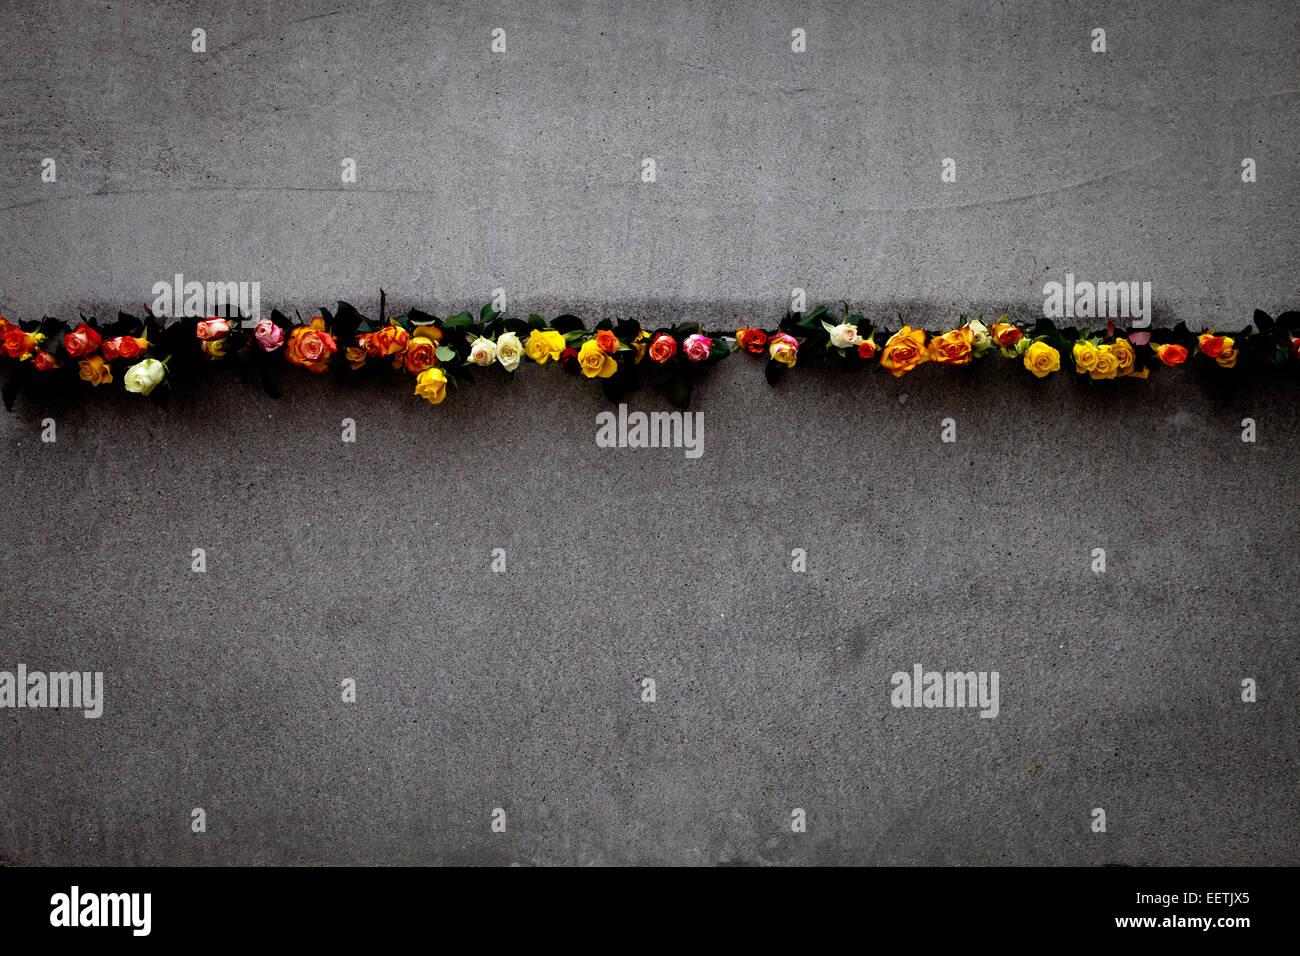 Blumen während 25. Gedenken an seinem Untergang in der Berliner Mauer platziert. Stockbild